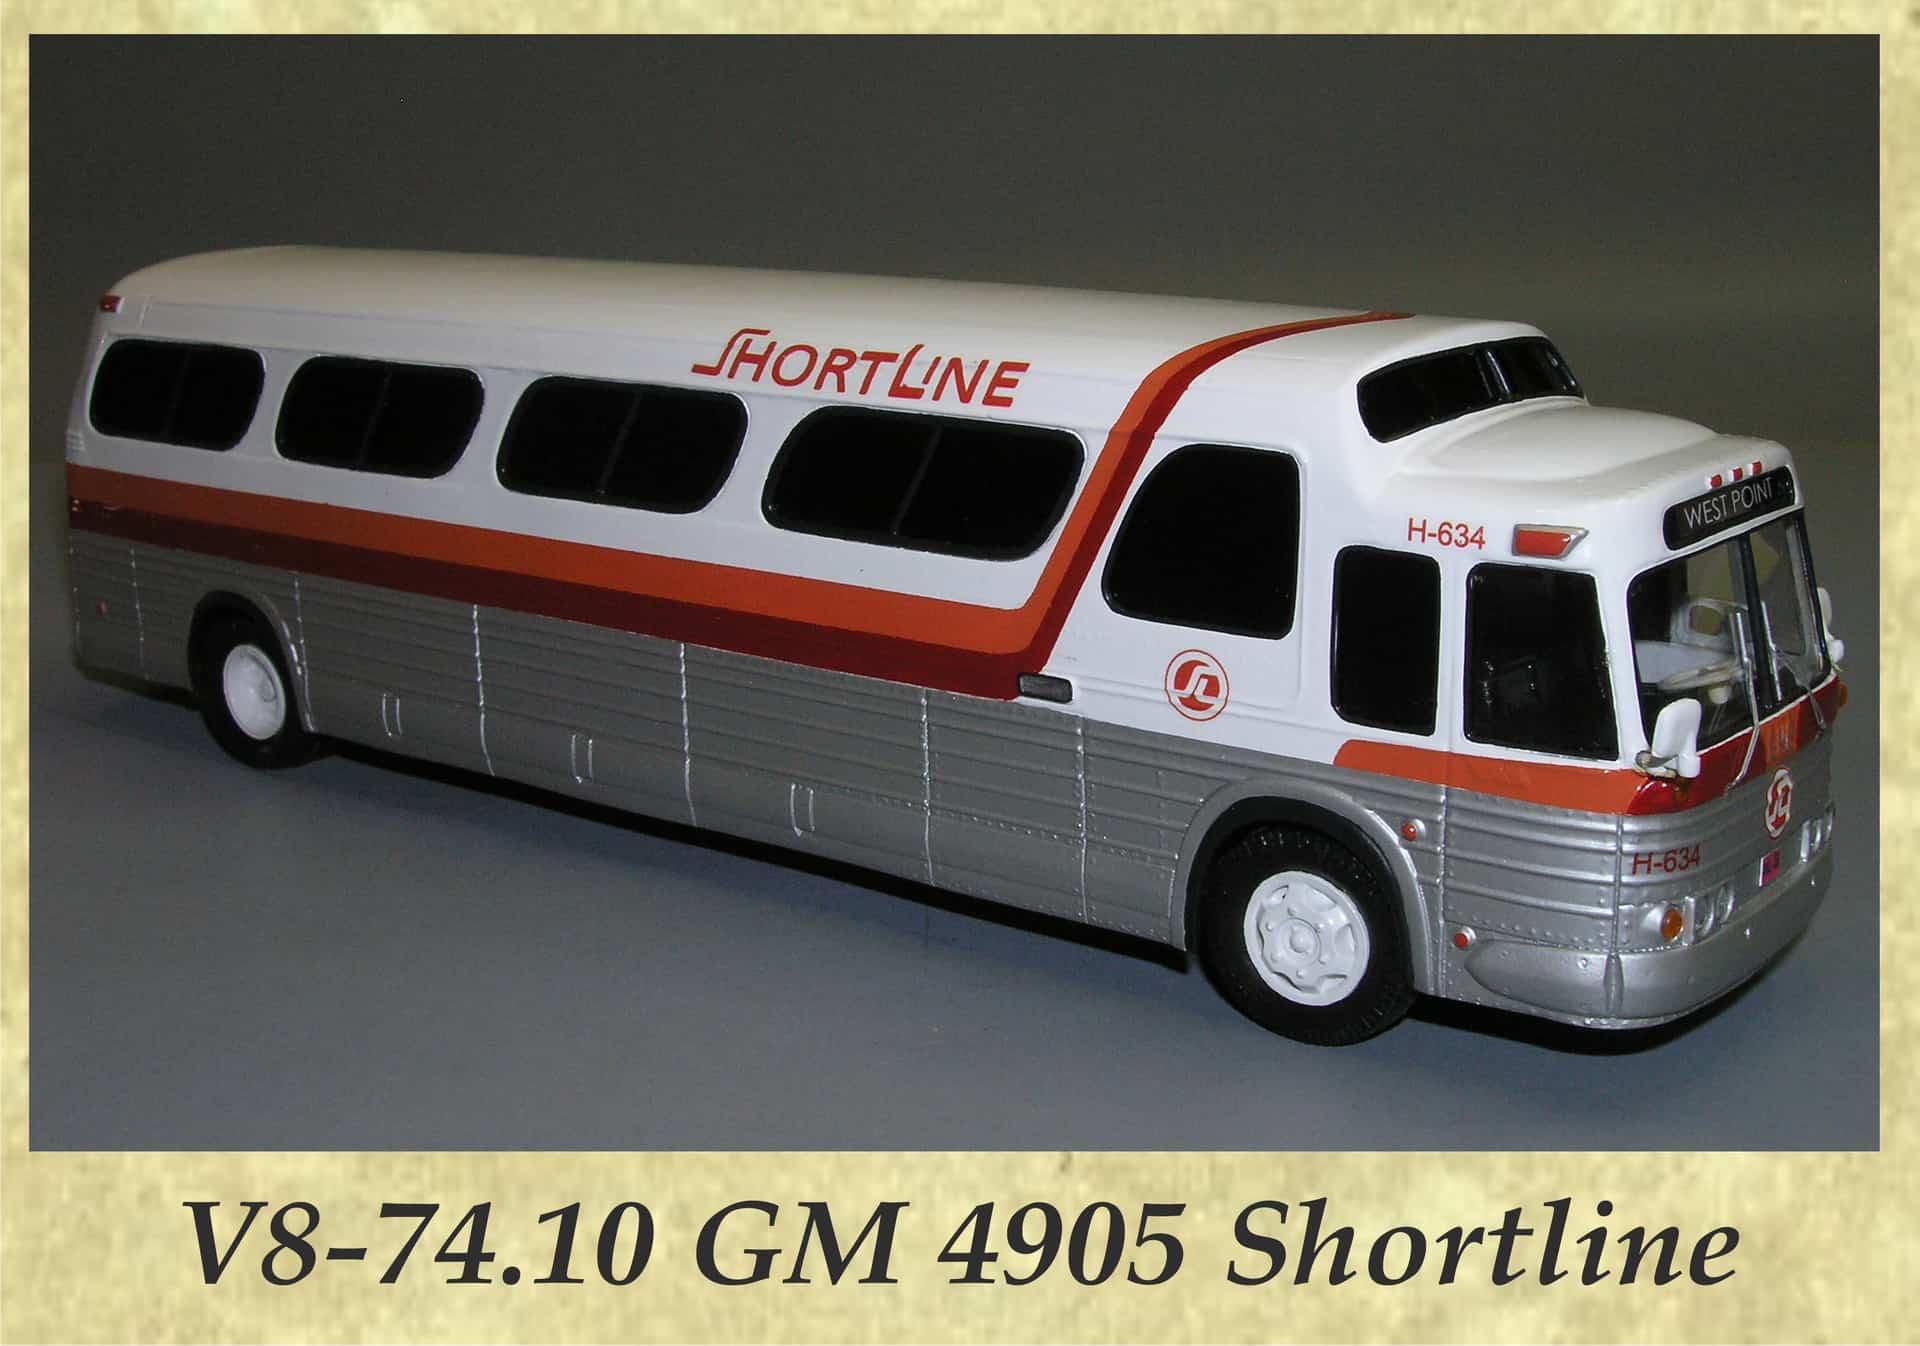 V8-74.10 GM 4905 Shortline